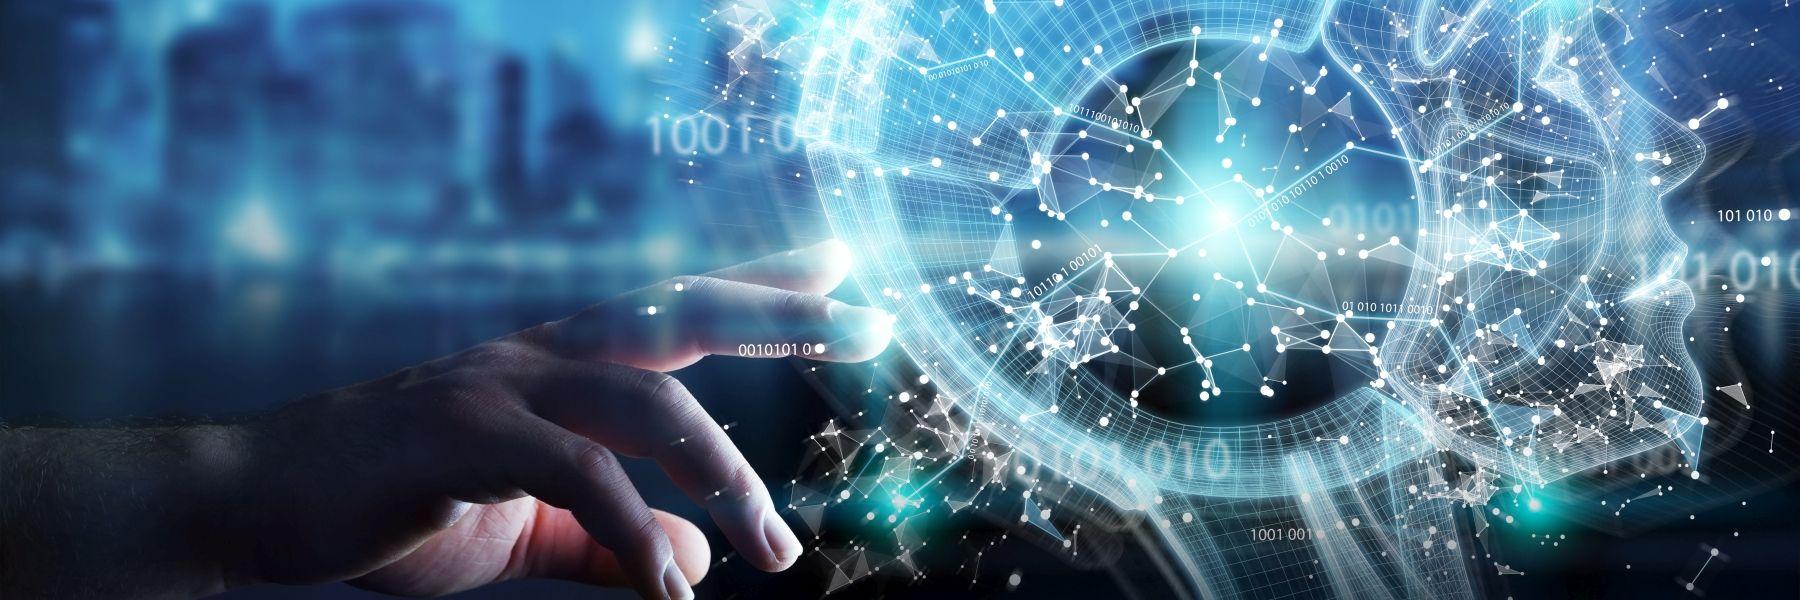 Symbolbild Künstliche Intelligenz: Eine Hand berührt einen als Animation dargestellten Kopf von hinten. Im Kopf sind viele vernetzte Strukturen sichtbar.